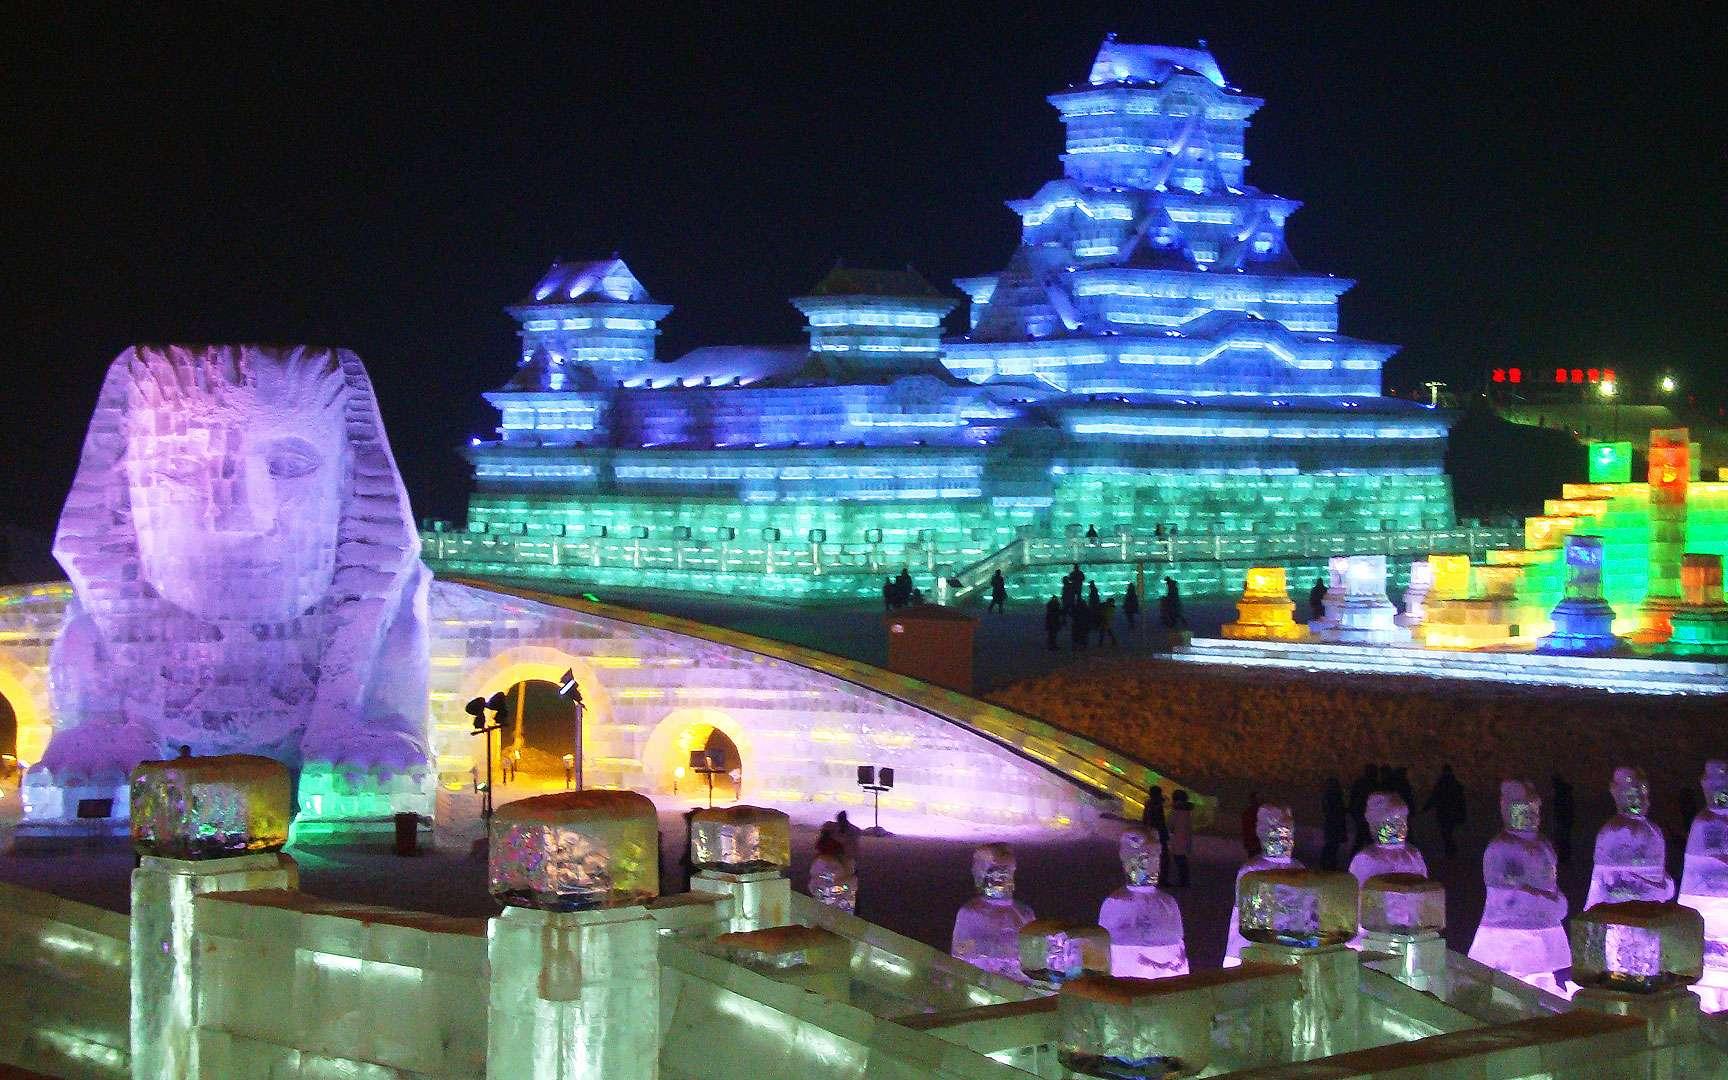 Festival de sculptures sur glace et de neige de Harbin, en Chine. Le festival de sculptures sur glace et de neige de Harbin, en Chine, est un événement annuel international qui débute au mois de janvier et dure environ un mois. Les visiteurs peuvent y admirer les sculptures sur glace les plus folles. © Dayou_X, Wikimedia Commons, CC by-sa 2.0